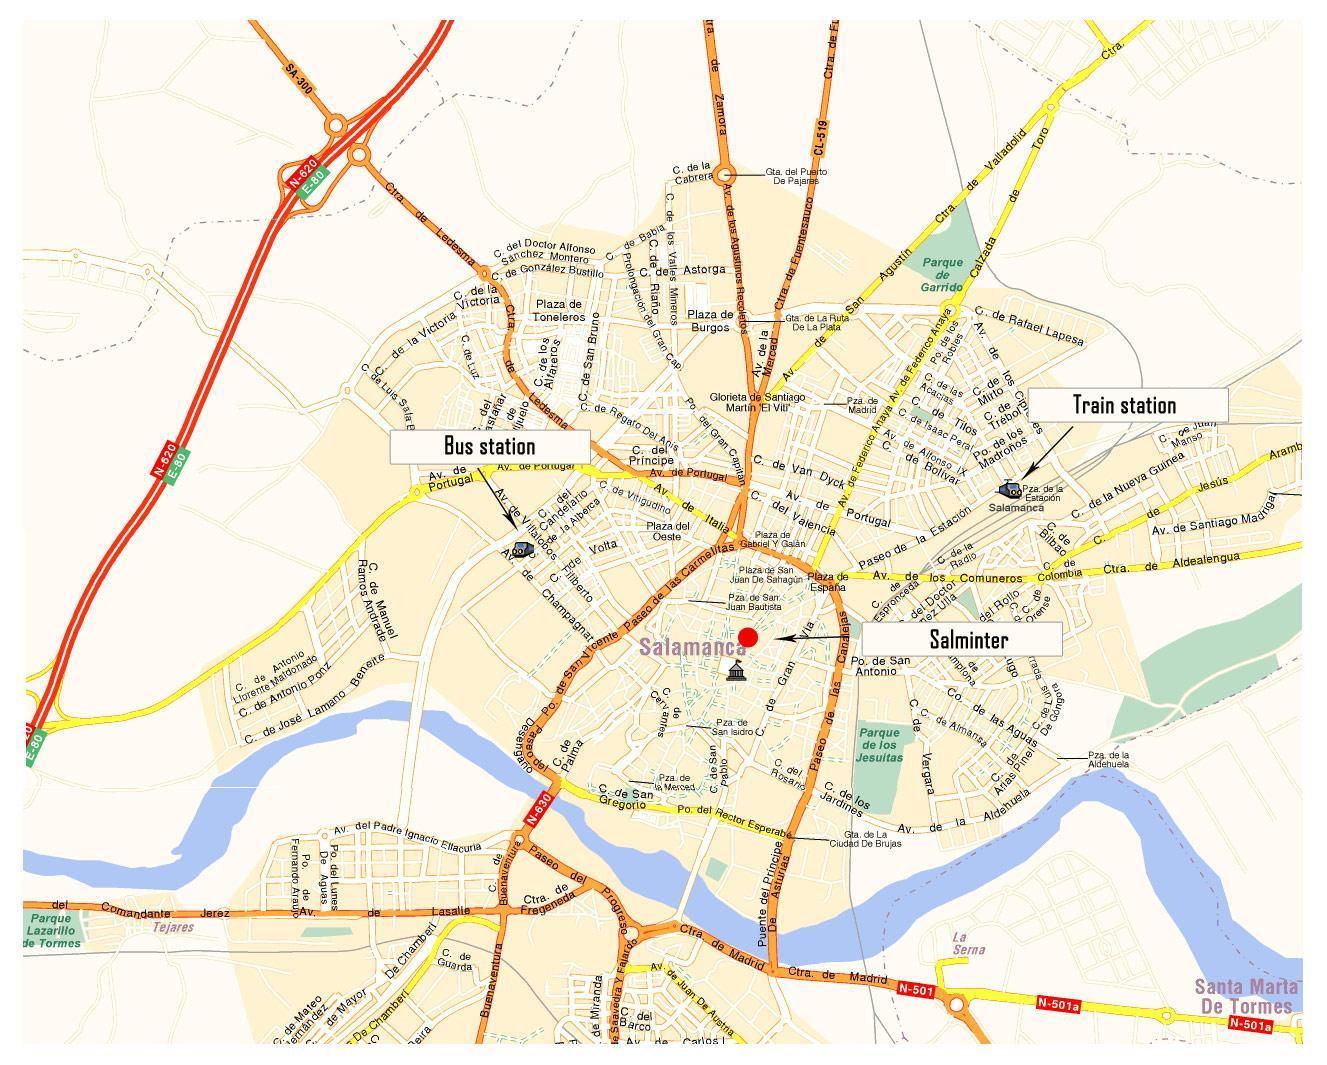 36740 c digo postal de salamanca for Codigo postal calle salamanca valencia